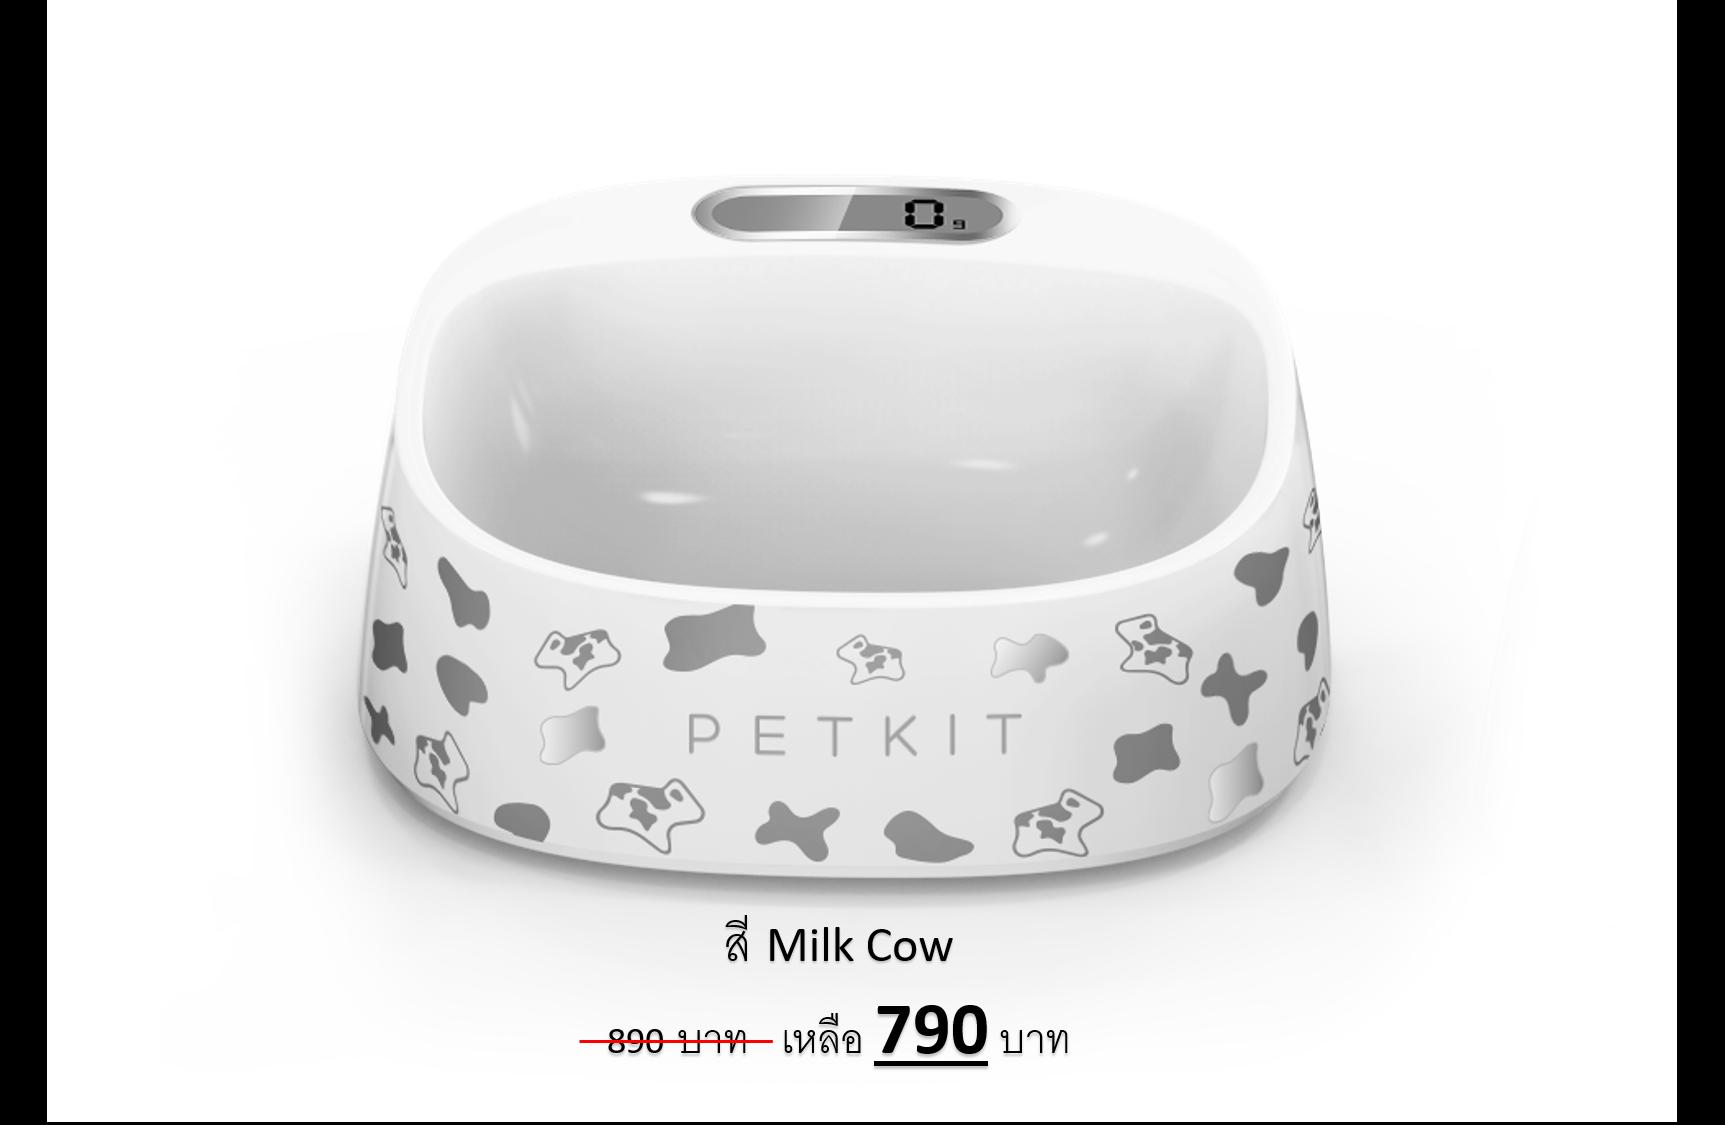 ถาดให้อาหารสัตว์เลี้ยง Smart Bowl - PETKIT Fresh มีเครื่องชั่งดิจิตอลในตัว วัสดุ anti-bacteria สี Milk Cow